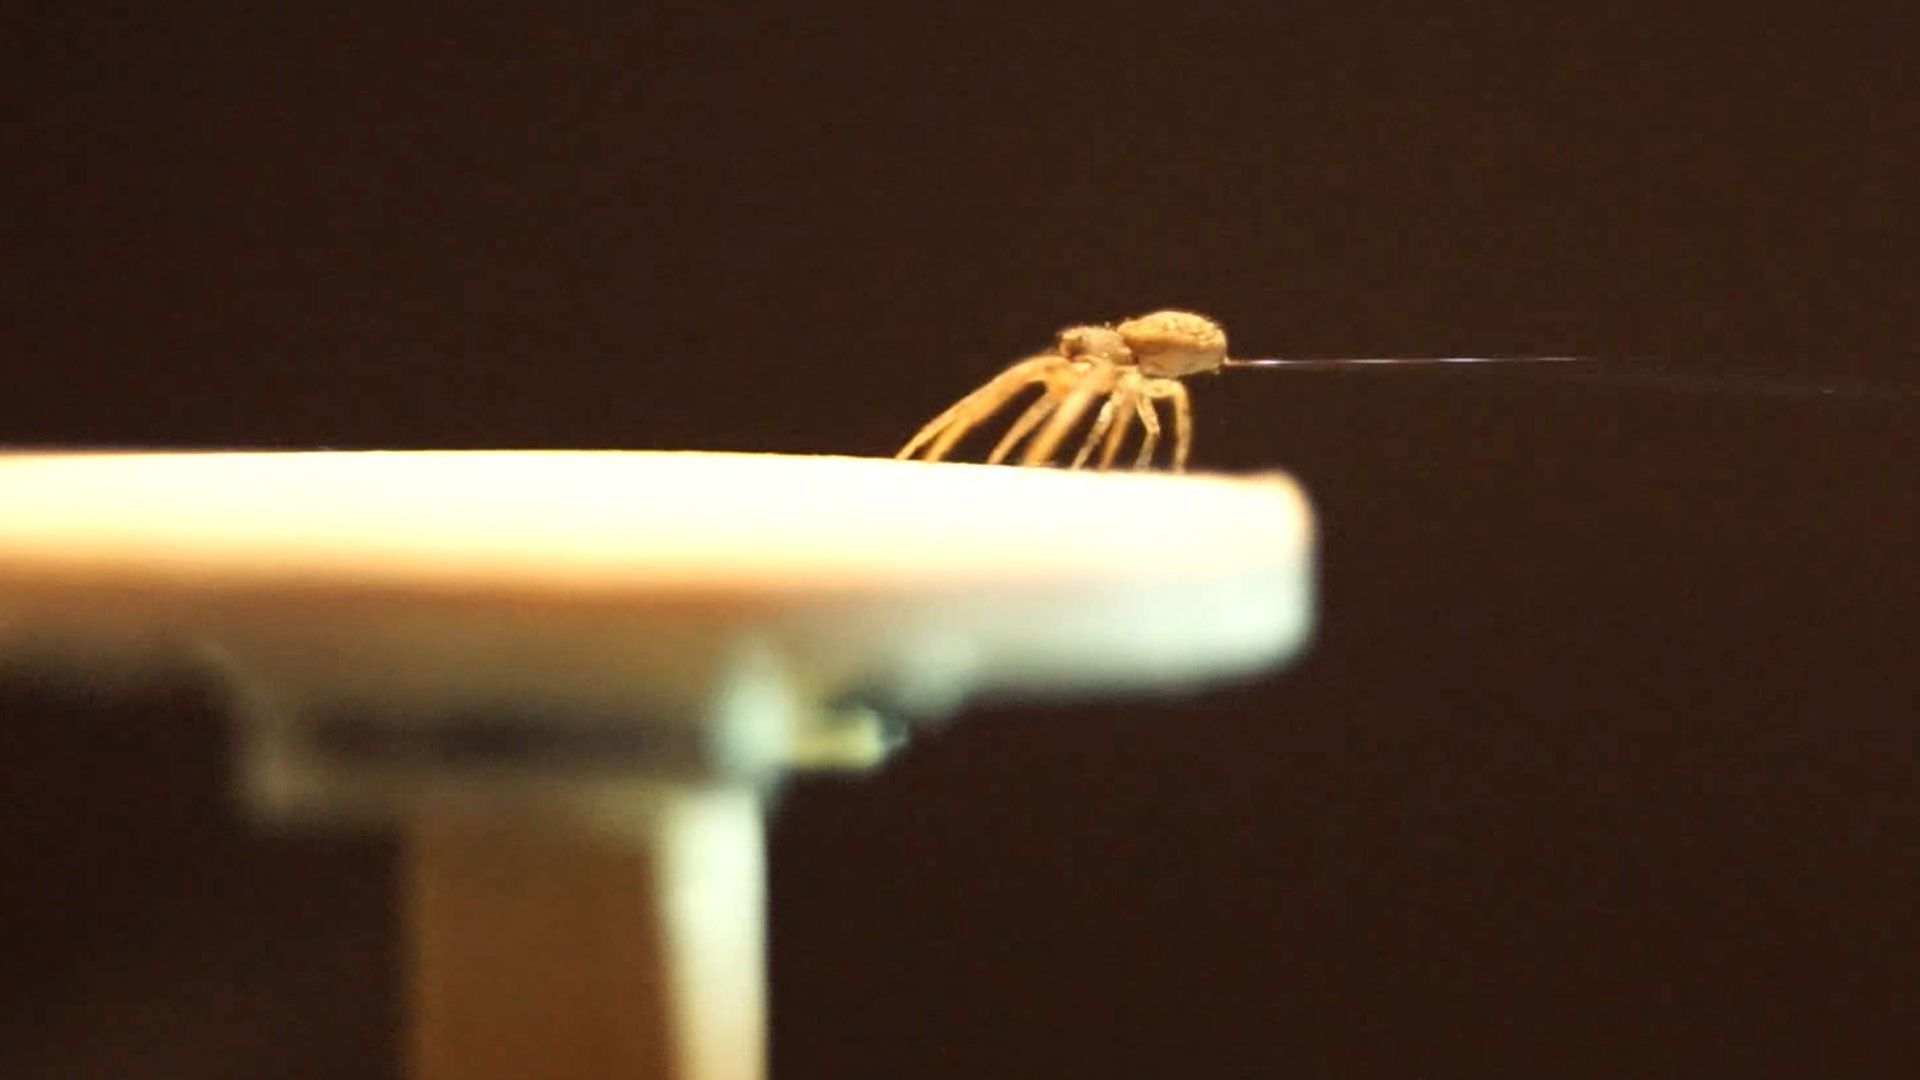 Vídeo mostra aranha-caranguejo fazendo balões de seda para voar | National Geographic